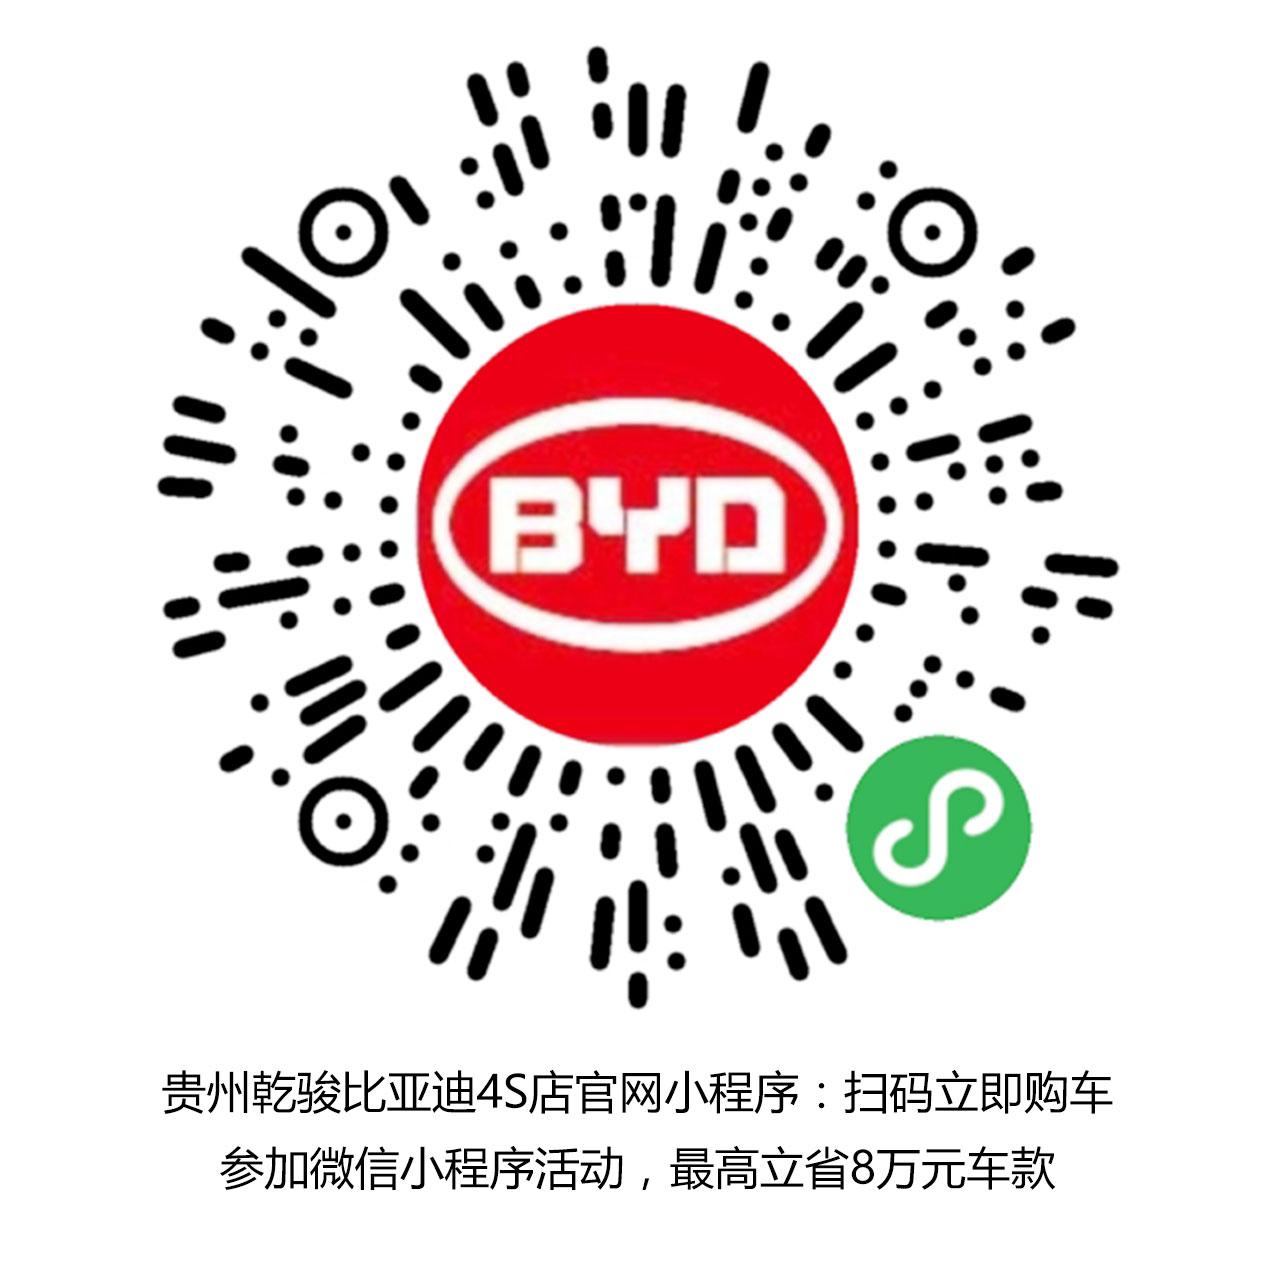 17万元预算买什么车比较好-贵州高质量的贵州乾骏比亚迪轿车哪里有售